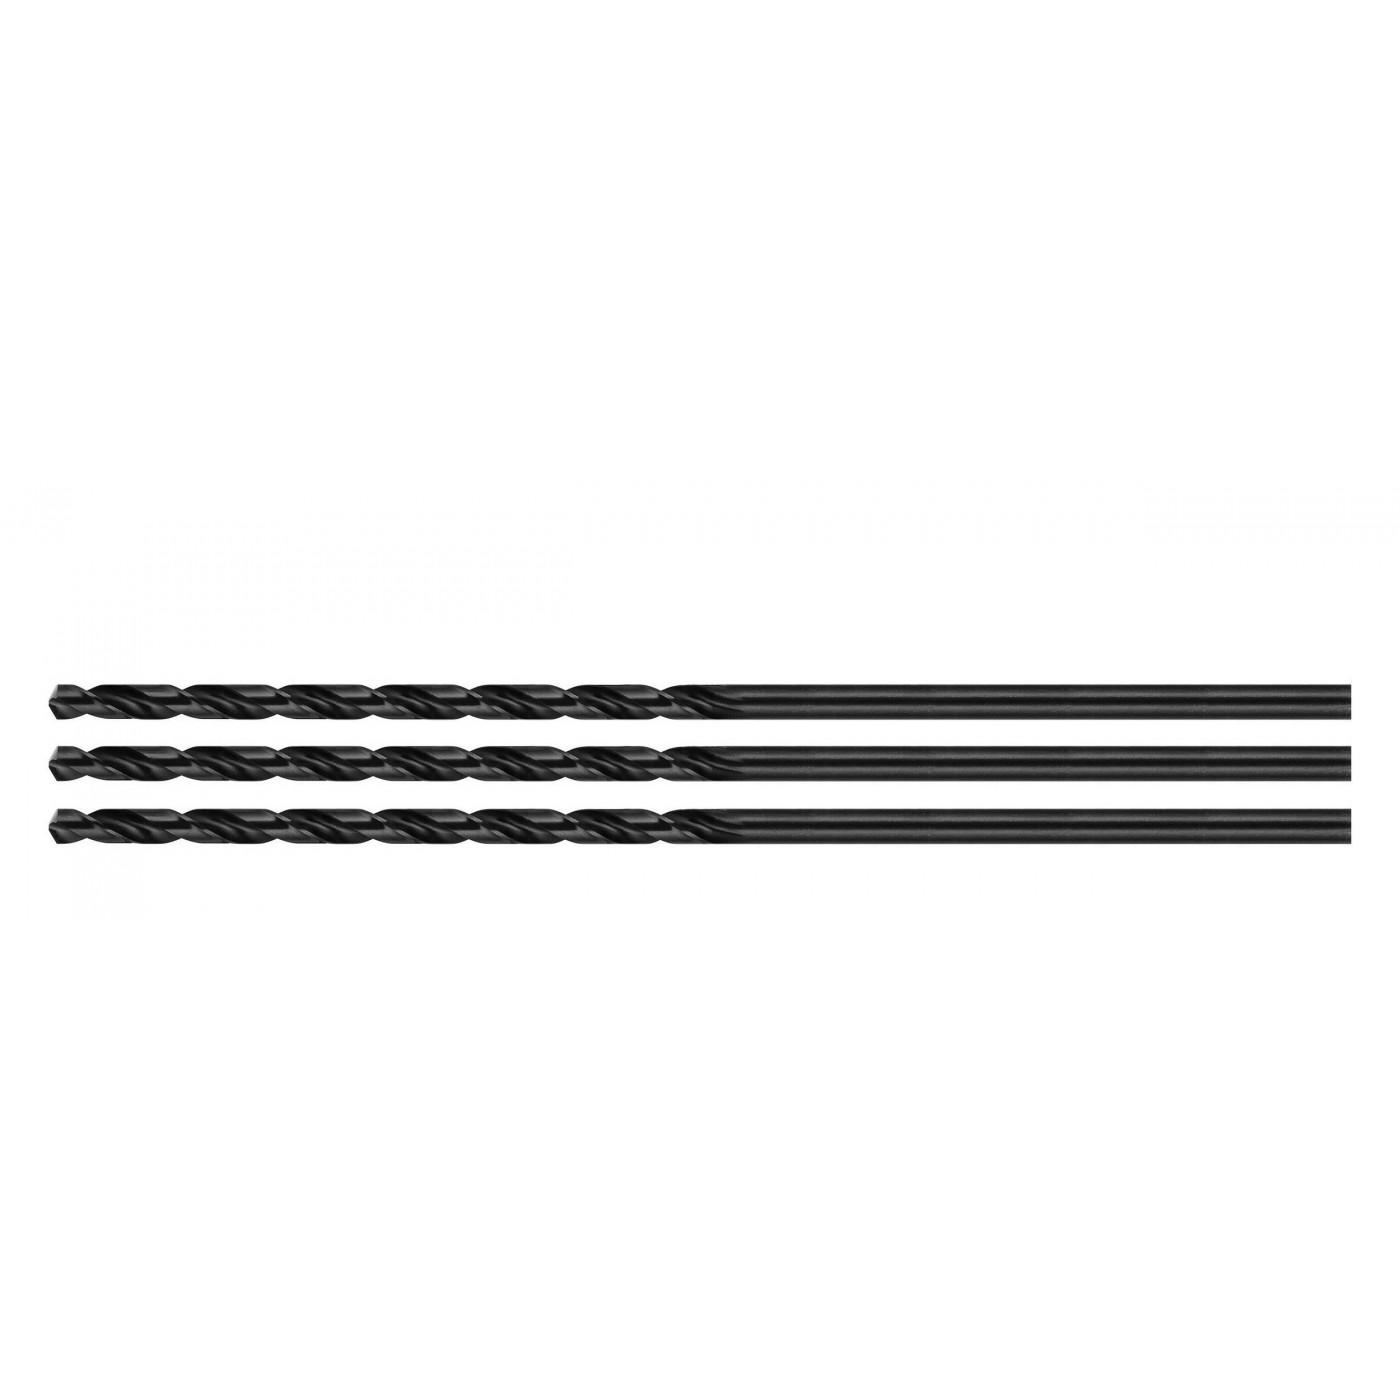 Set von 3 Metallbohrern (HSS, 5,5x200 mm)  - 1